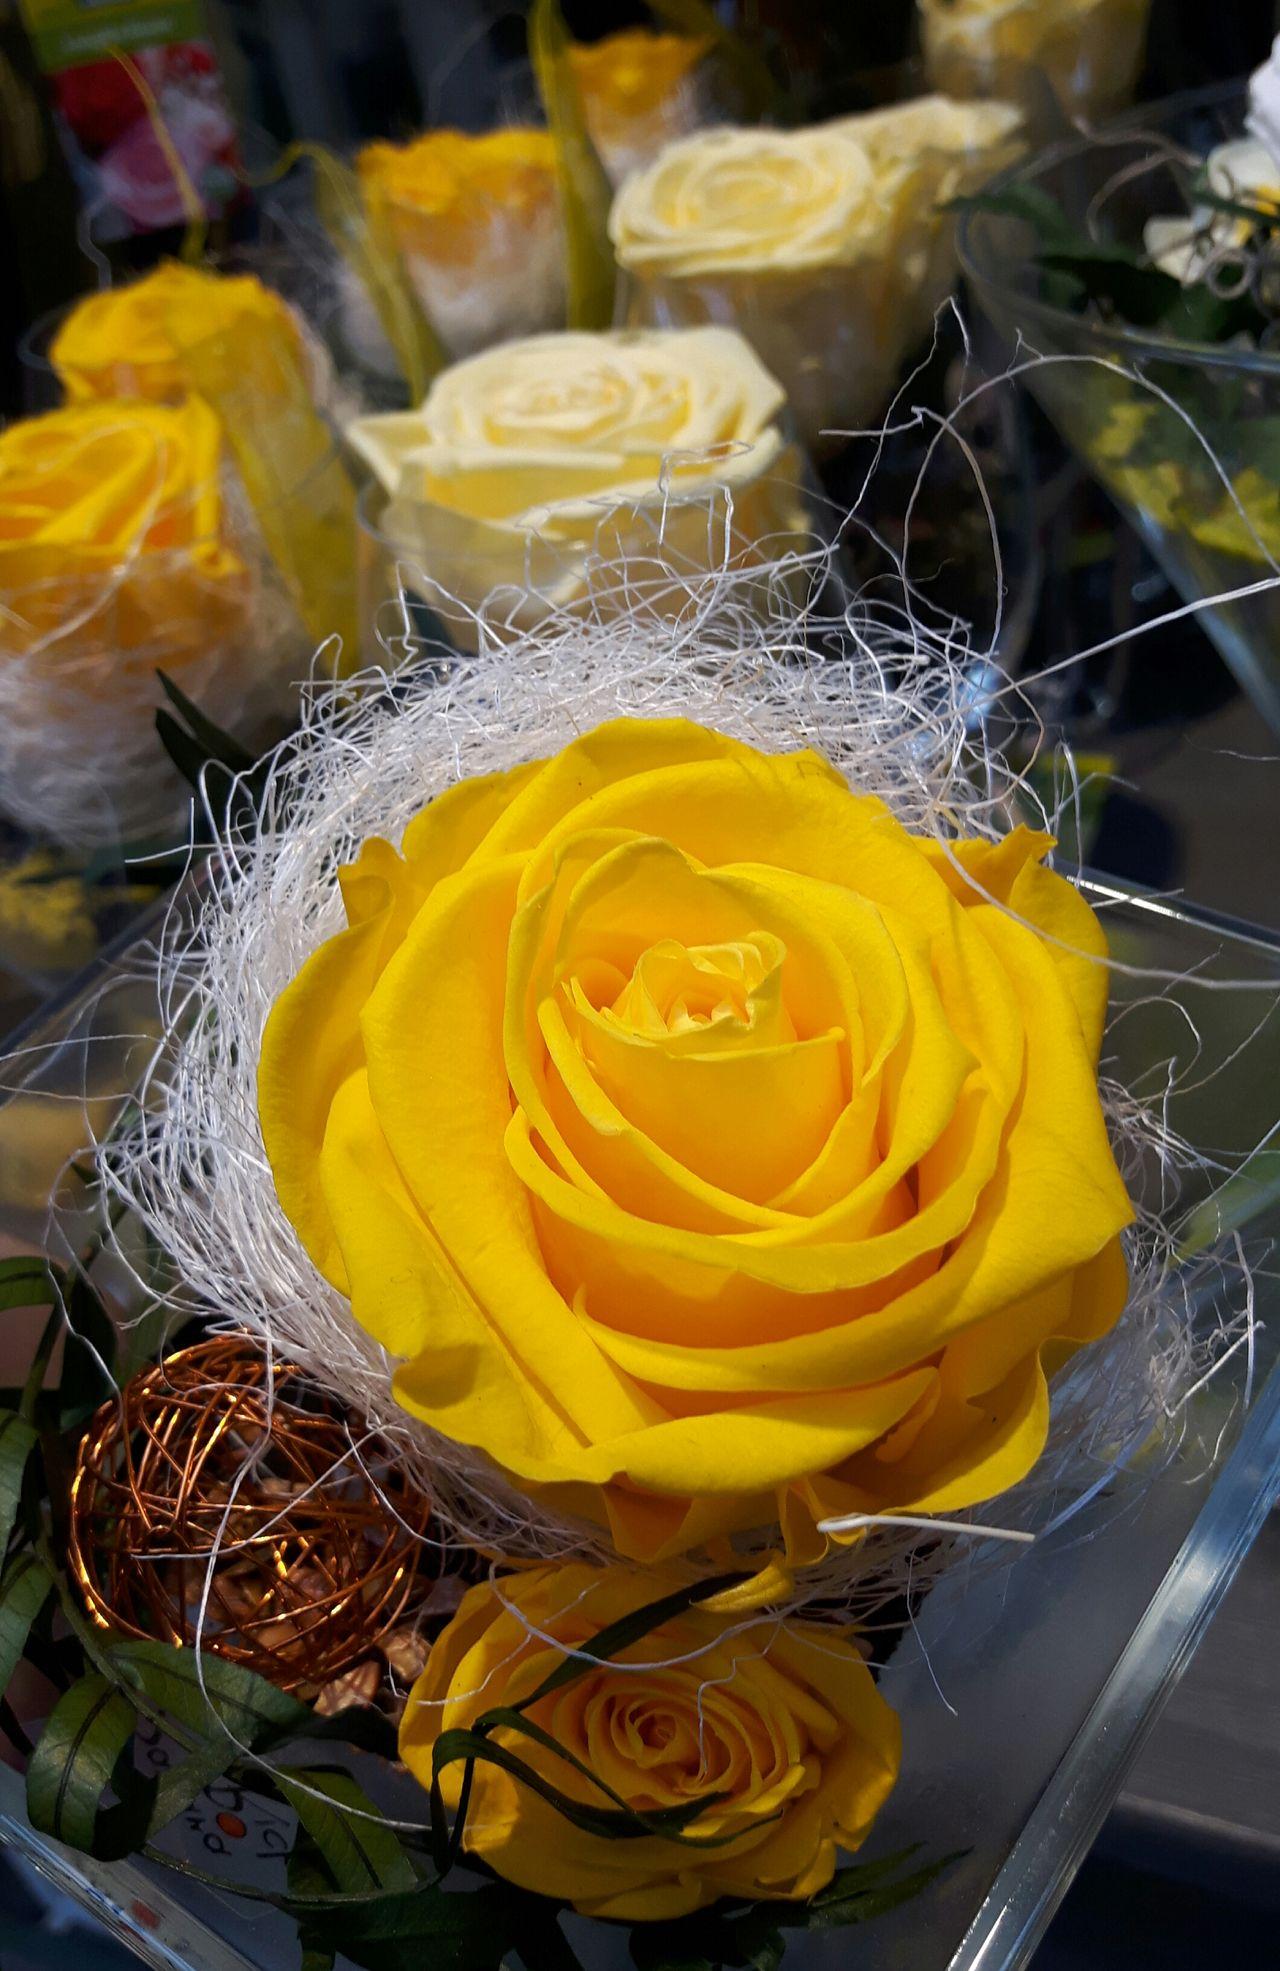 Gelbe Rosen Yellow EyeEm Best Shots - Flowers Roses Flowers  Roses🌹 Rose🌹 Flowers_collection Flowerphotography Flower Photography Flower Head Flower Plant Day Beliebte Fotos